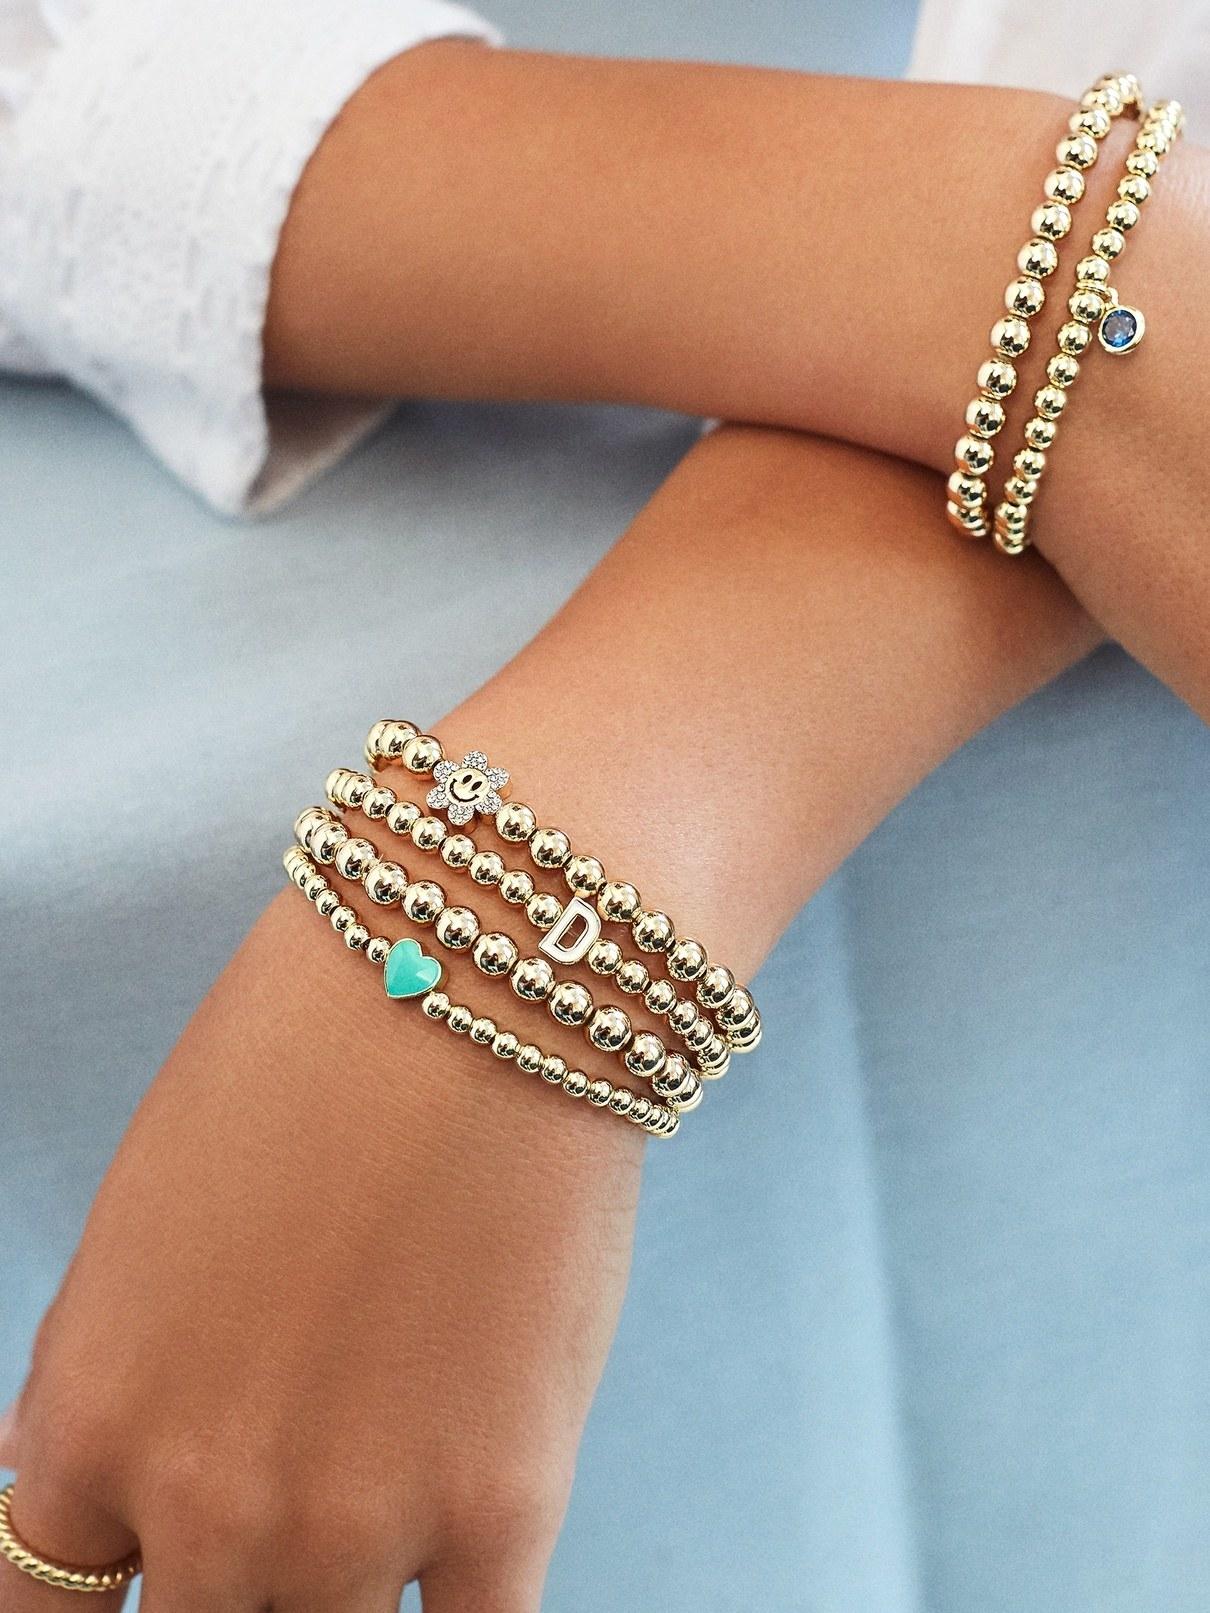 a model wearing an array of gold beaded bracelets